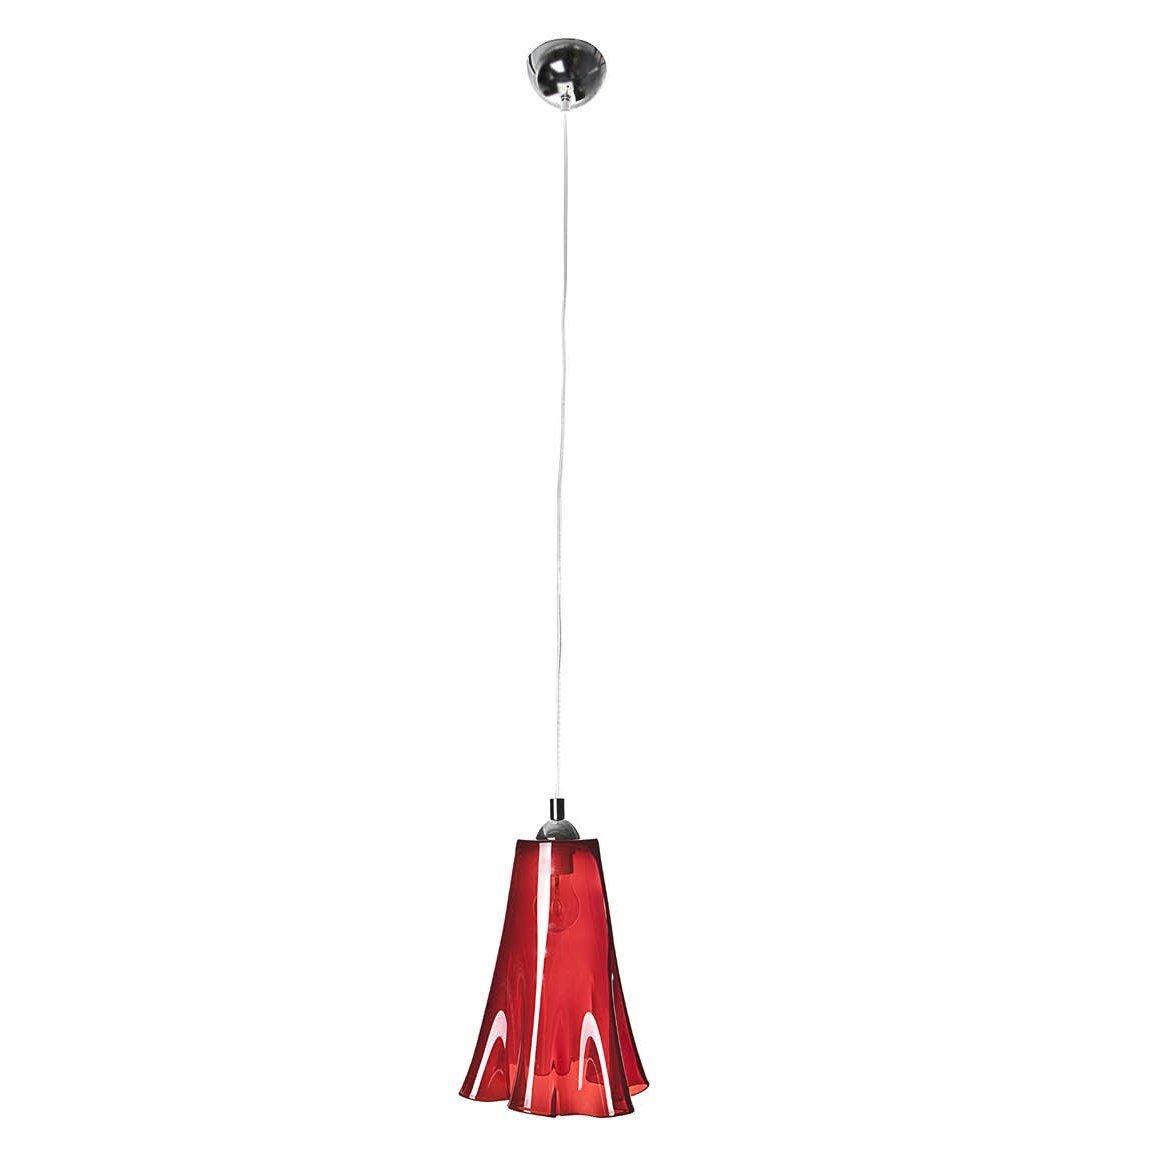 SIGNATURE HOME COLLECTION Deckenhängelampe mit gewelltem Glasschirm, Hängeleuchte, 21 x 21 x 30 cm, Gesamthöhe maximum 120 cm, Glas rot durchscheinend CO-120-ME